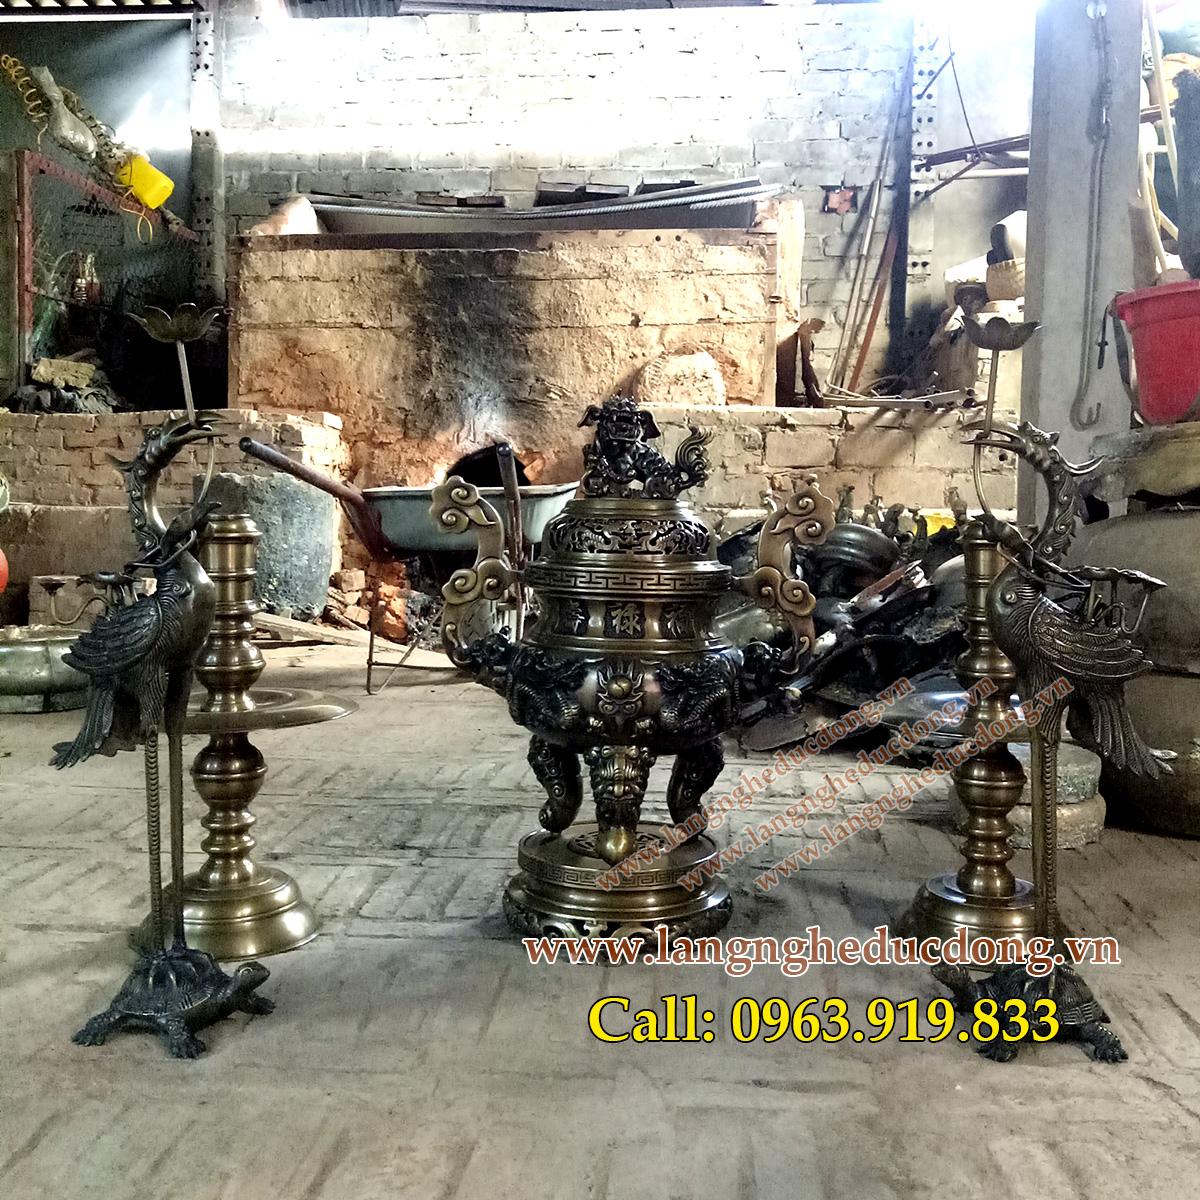 langngheducdong.vn - đỉnh đồng, lư hương, đồ thờ bằng đồng, đồ thờ cúng